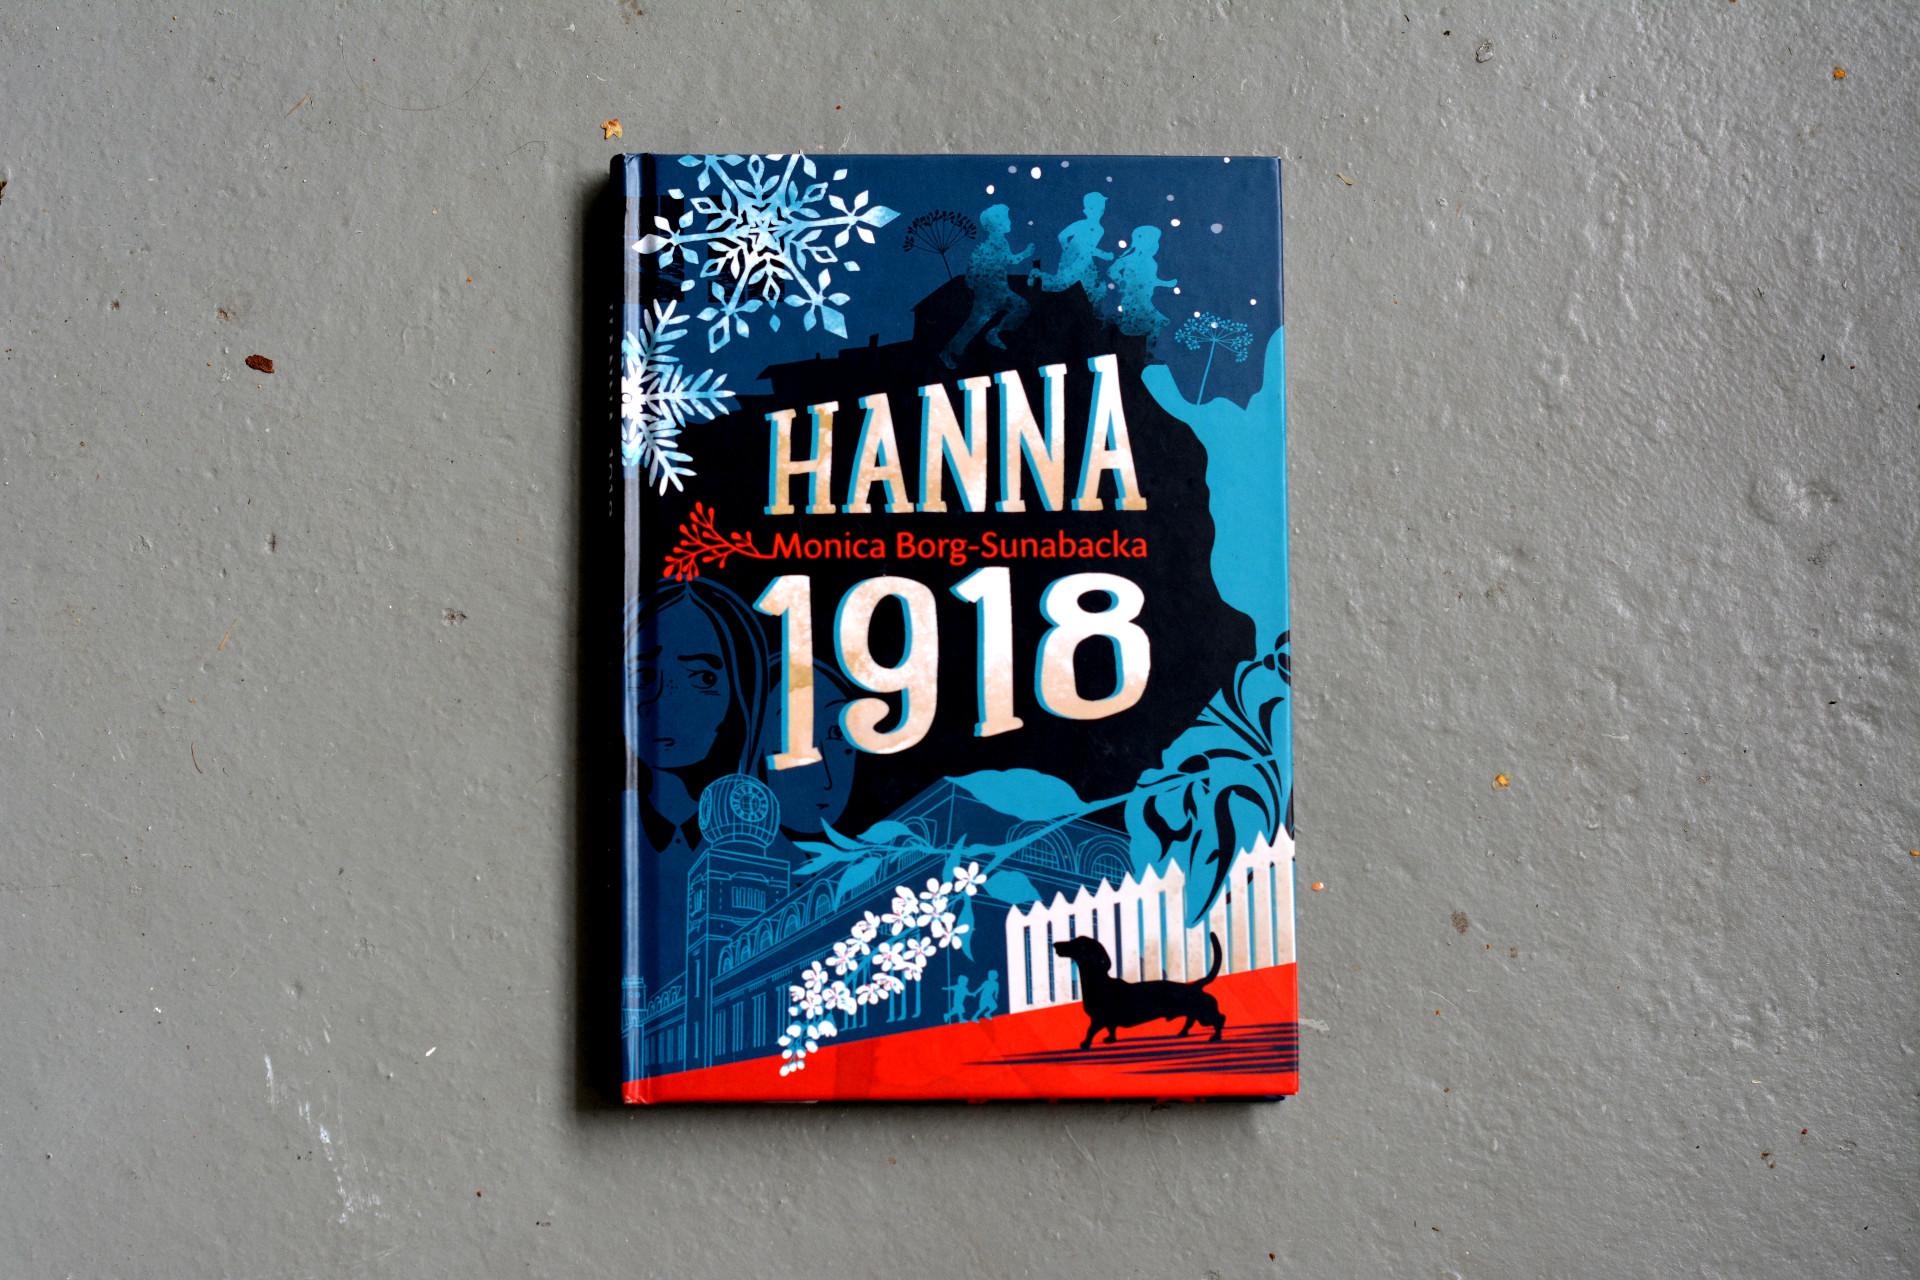 Hanna 1918 av Monica Borg-Sunabacka